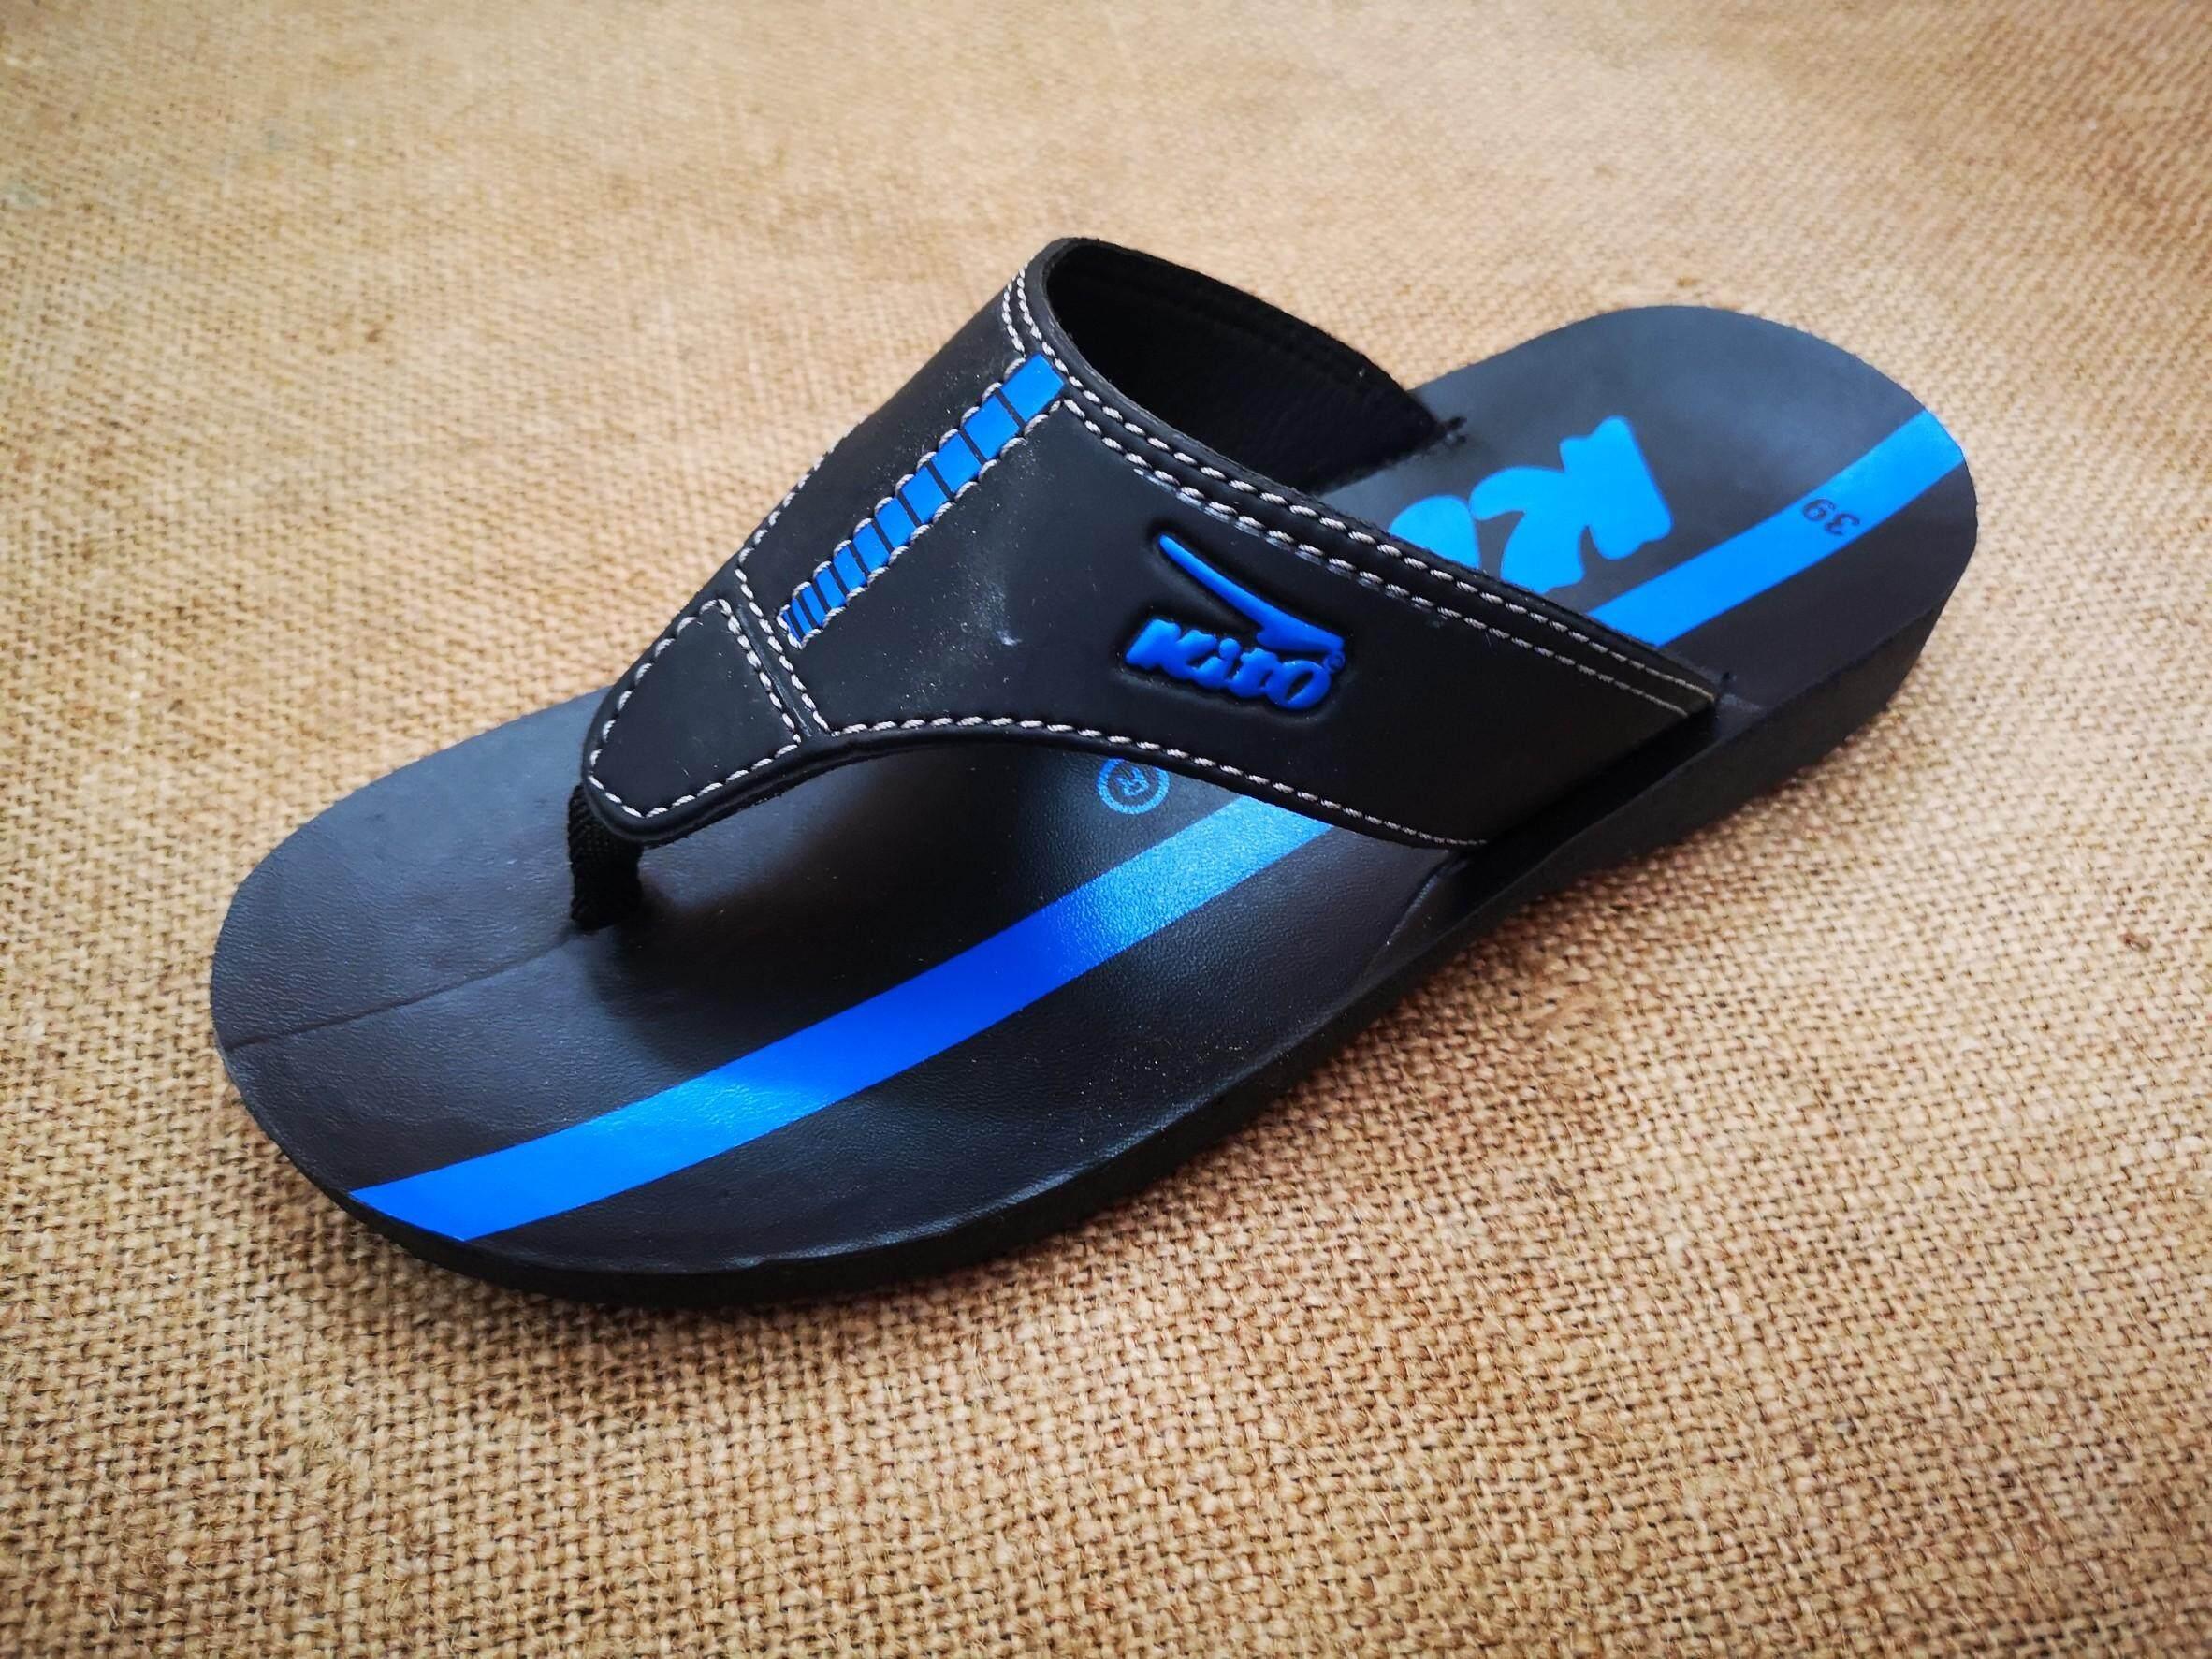 KITO รองเท้าแตะฟองน้ำผู้ชายหูหนีบ กีโตรองเท้าแตะหูหนีบบบคีบผู้ชาย รองเท้าใส่หน้าร้อน เที่ยวทะเล รองเท้ารุ่นฮิต รองเท้าผู้ชายลำลองแบบหนีบ สีฟ้า สีเหลือง สีเขียว 1011